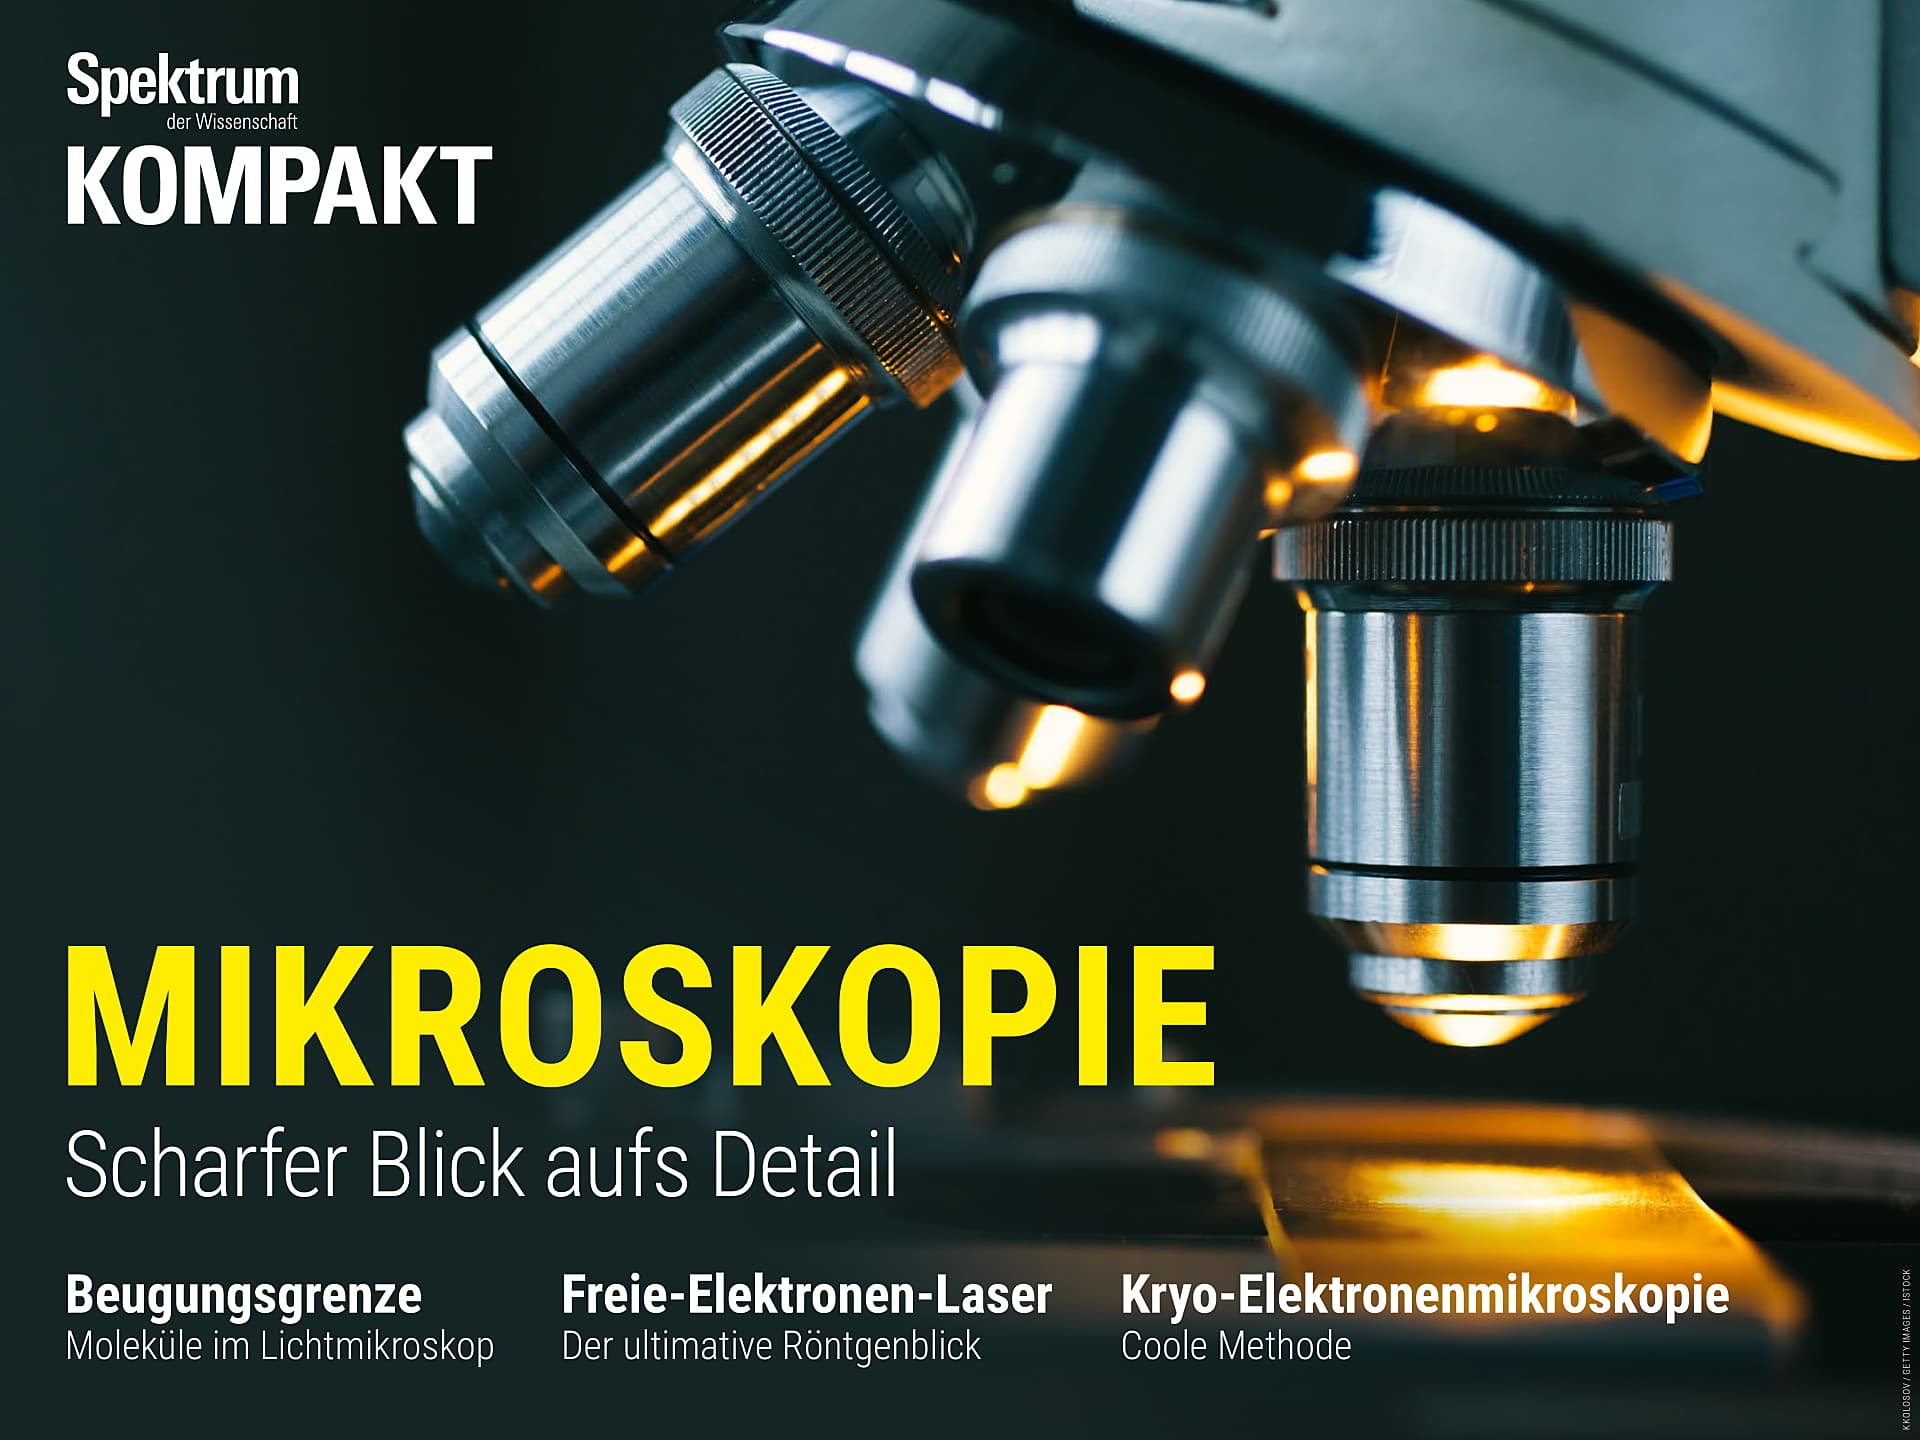 Mikroskopie - Scharfer Blick aufs Detail